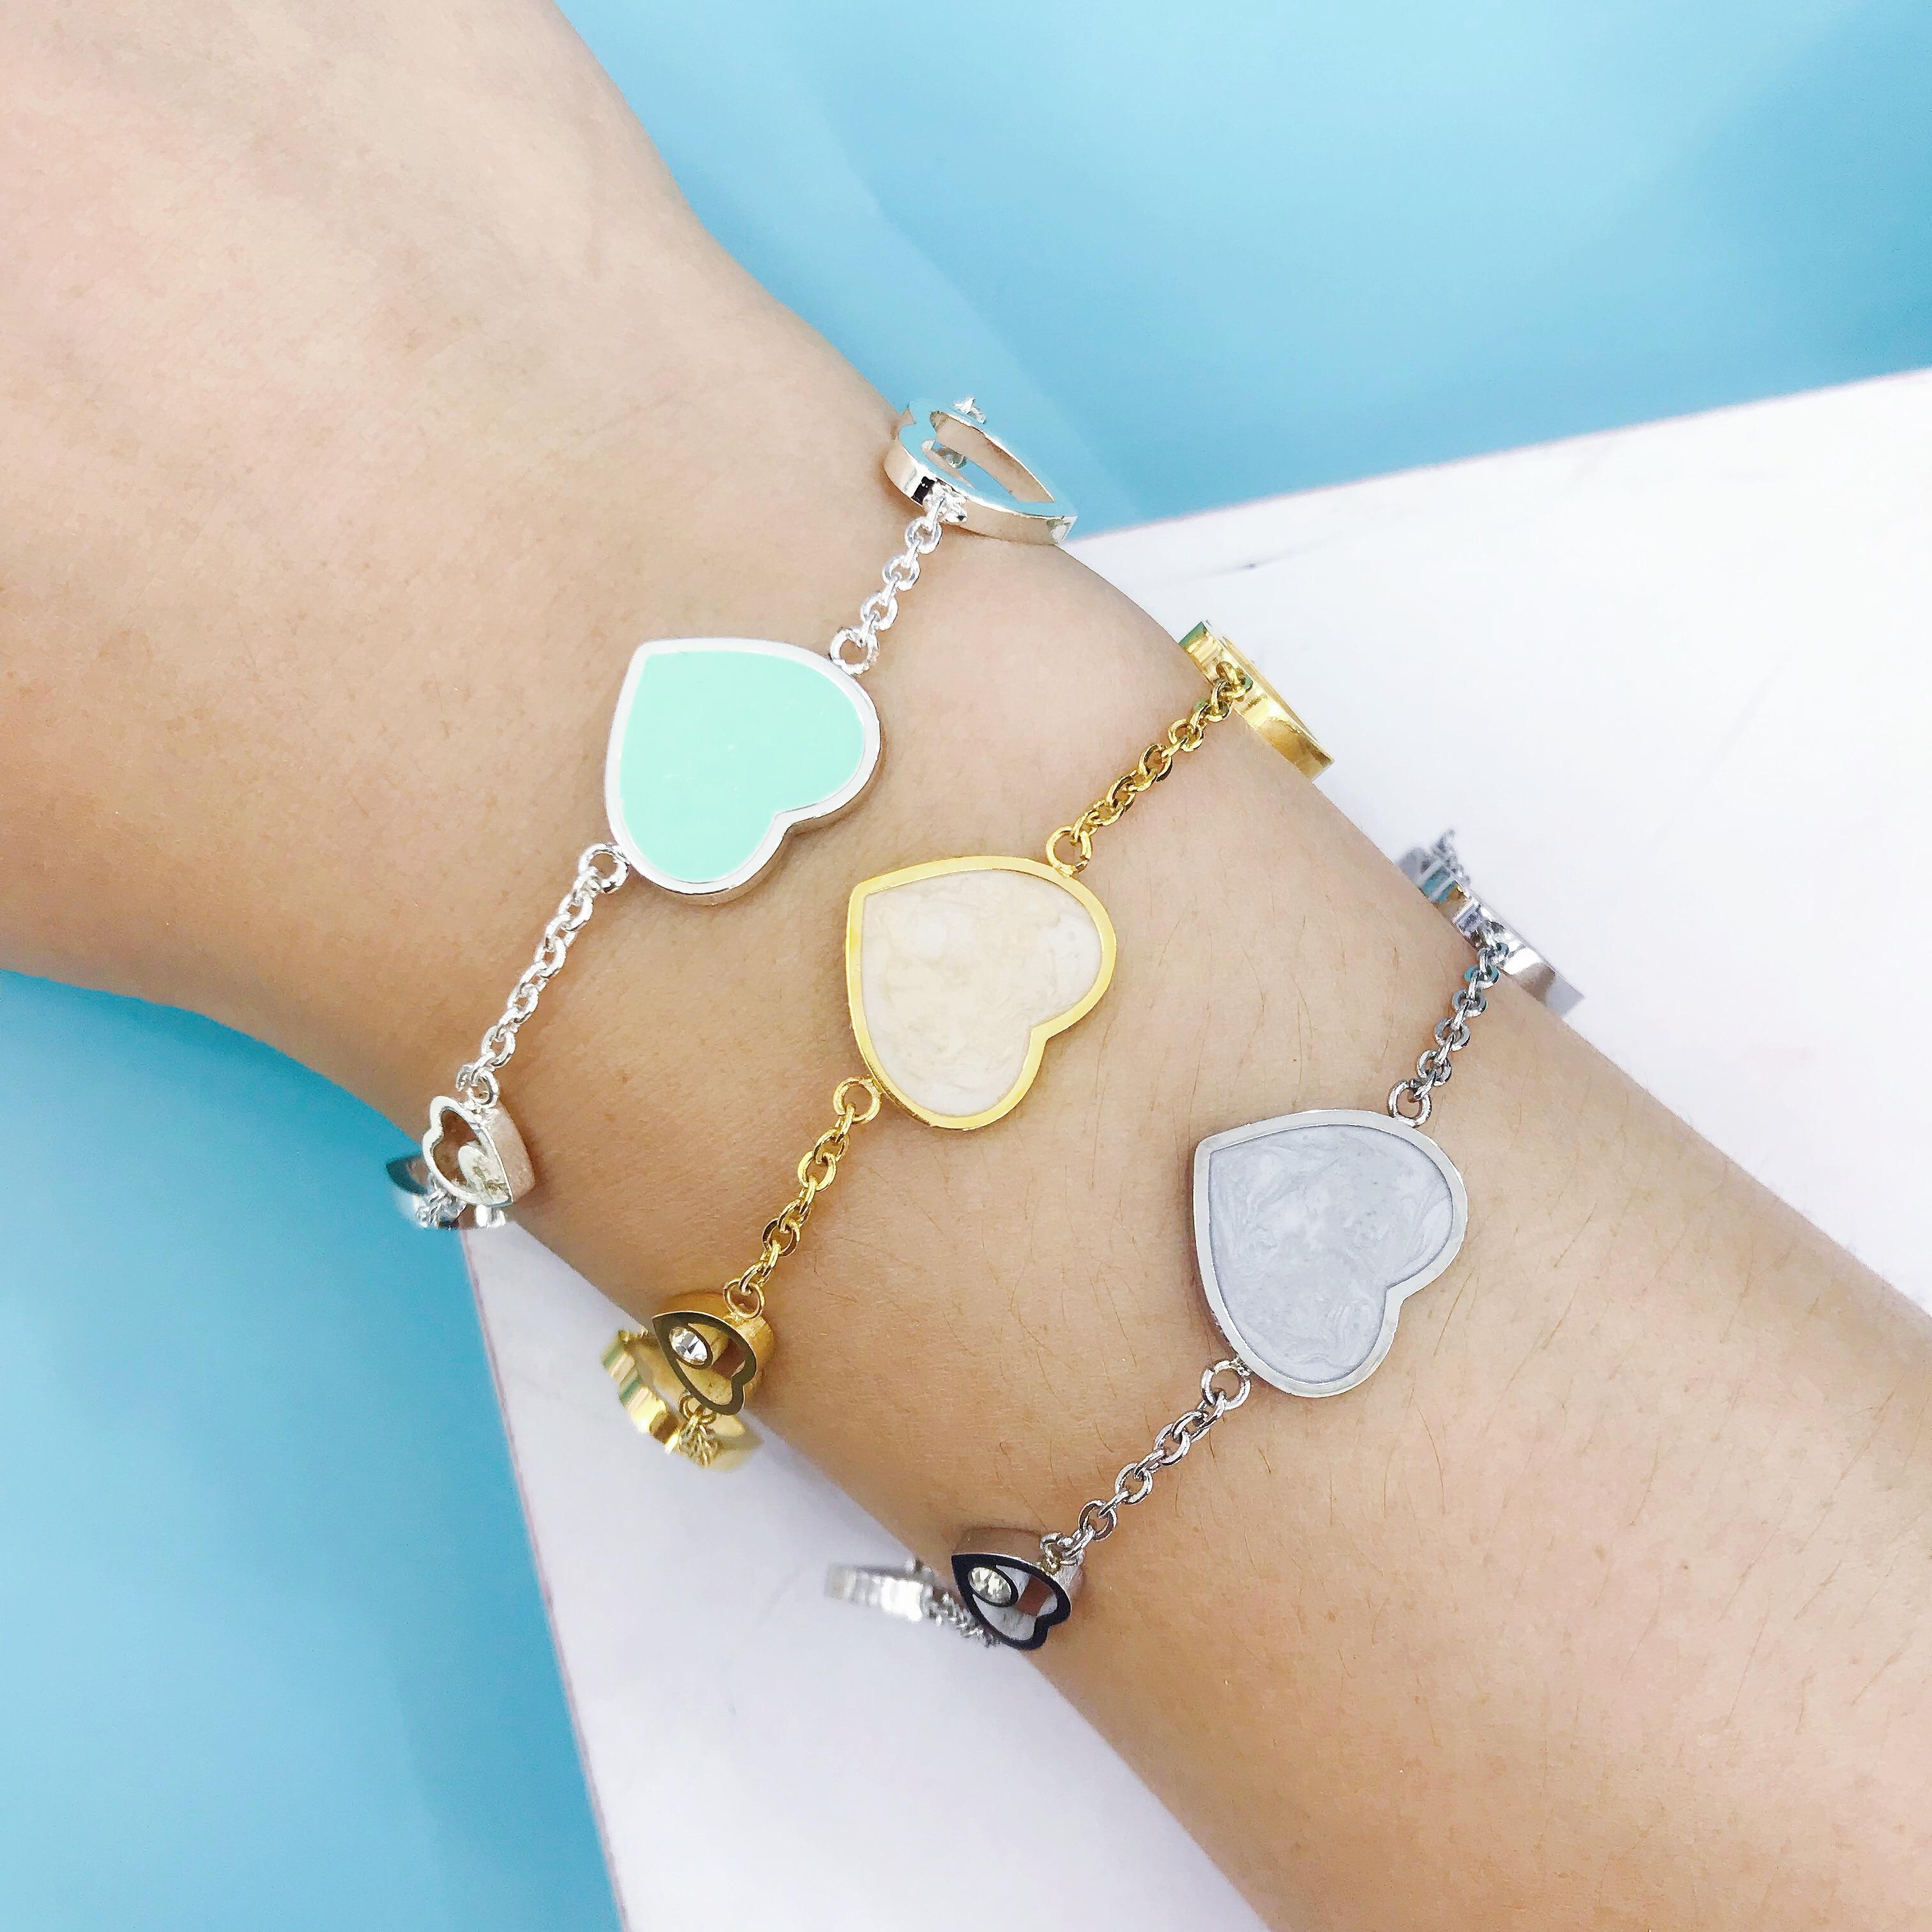 Новая модная в форме сердца кулон из золота и серебра браслет, украшение, амулет бренд браслет дизайн для женщин ювелирные украшения